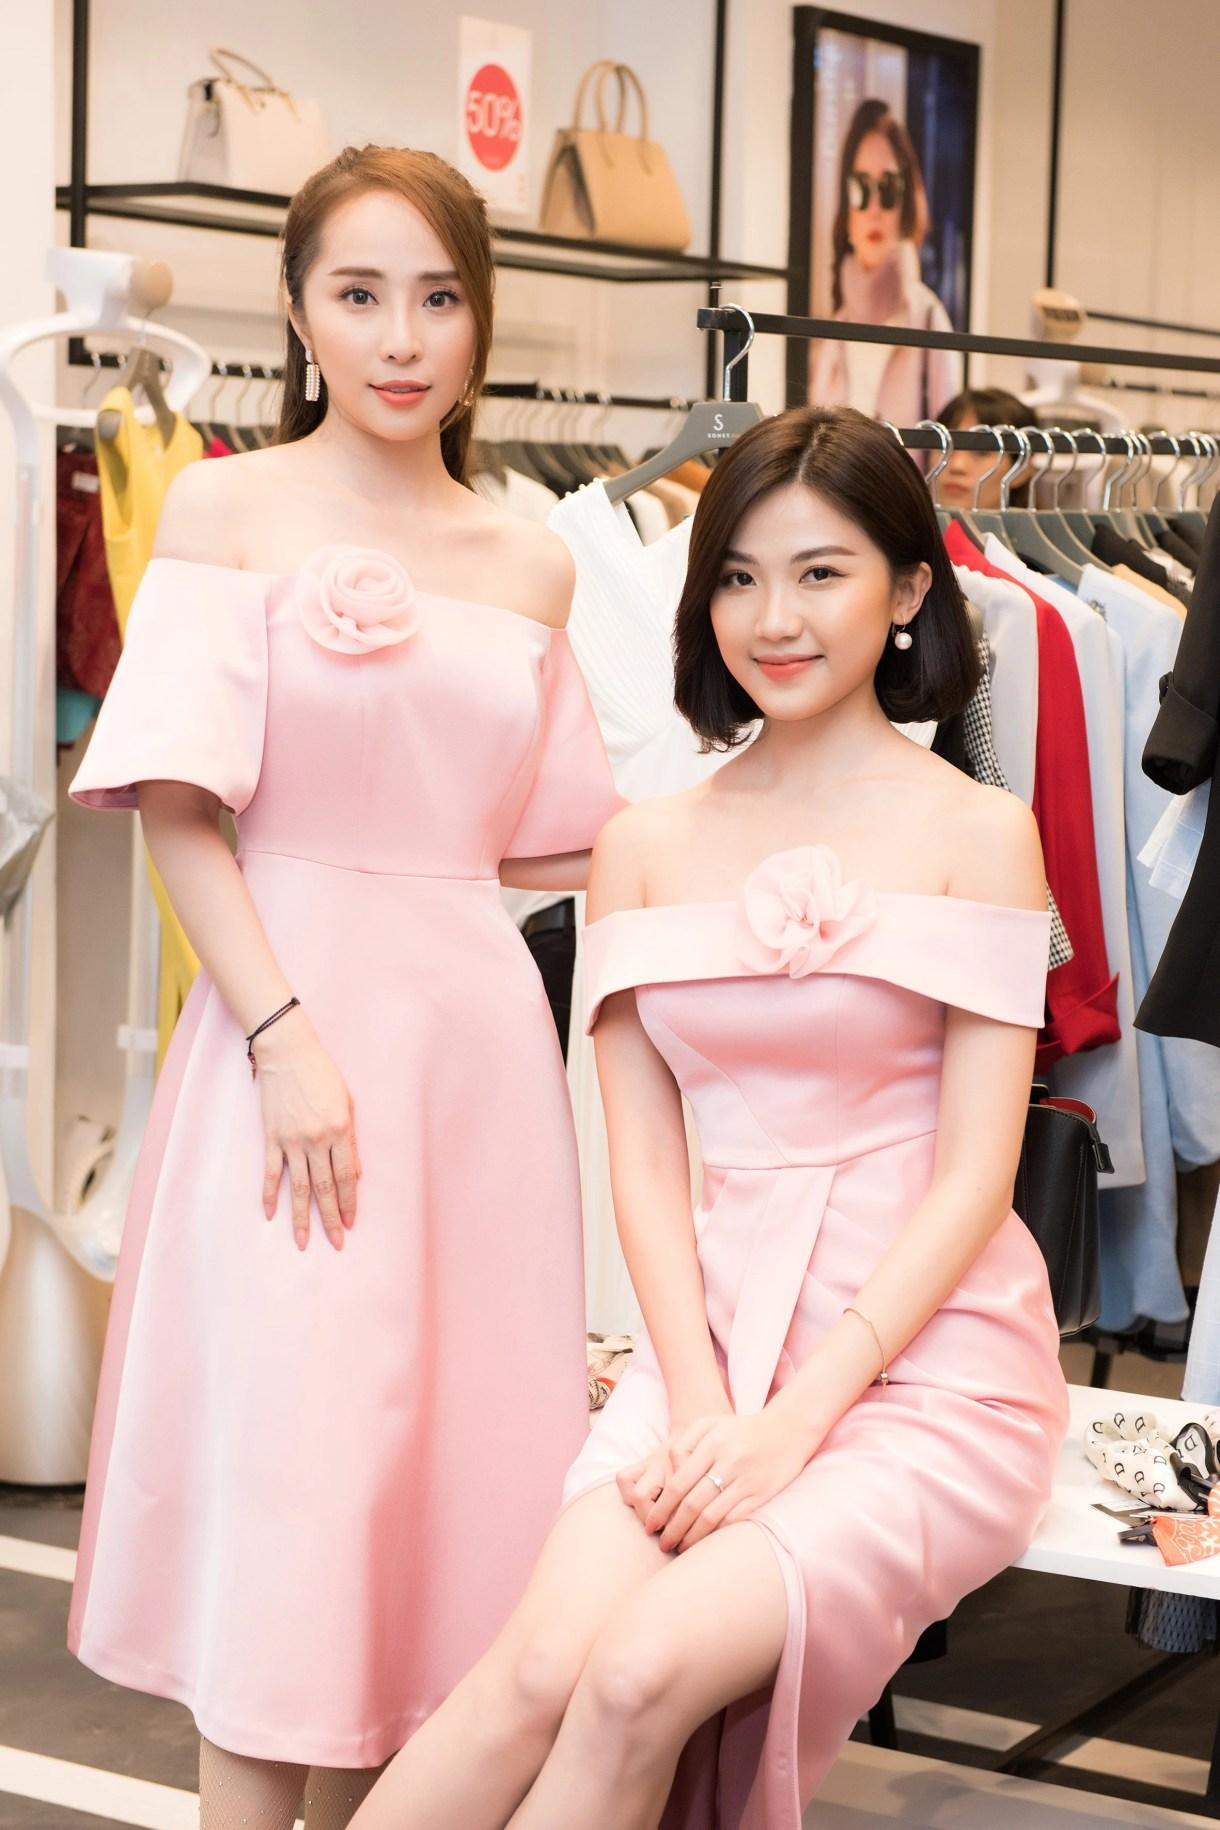 'Tiểu tam' Nhã - Quỳnh Nga 'đụng độ' cùng Trà - Lương Thanh tại sự kiện 2